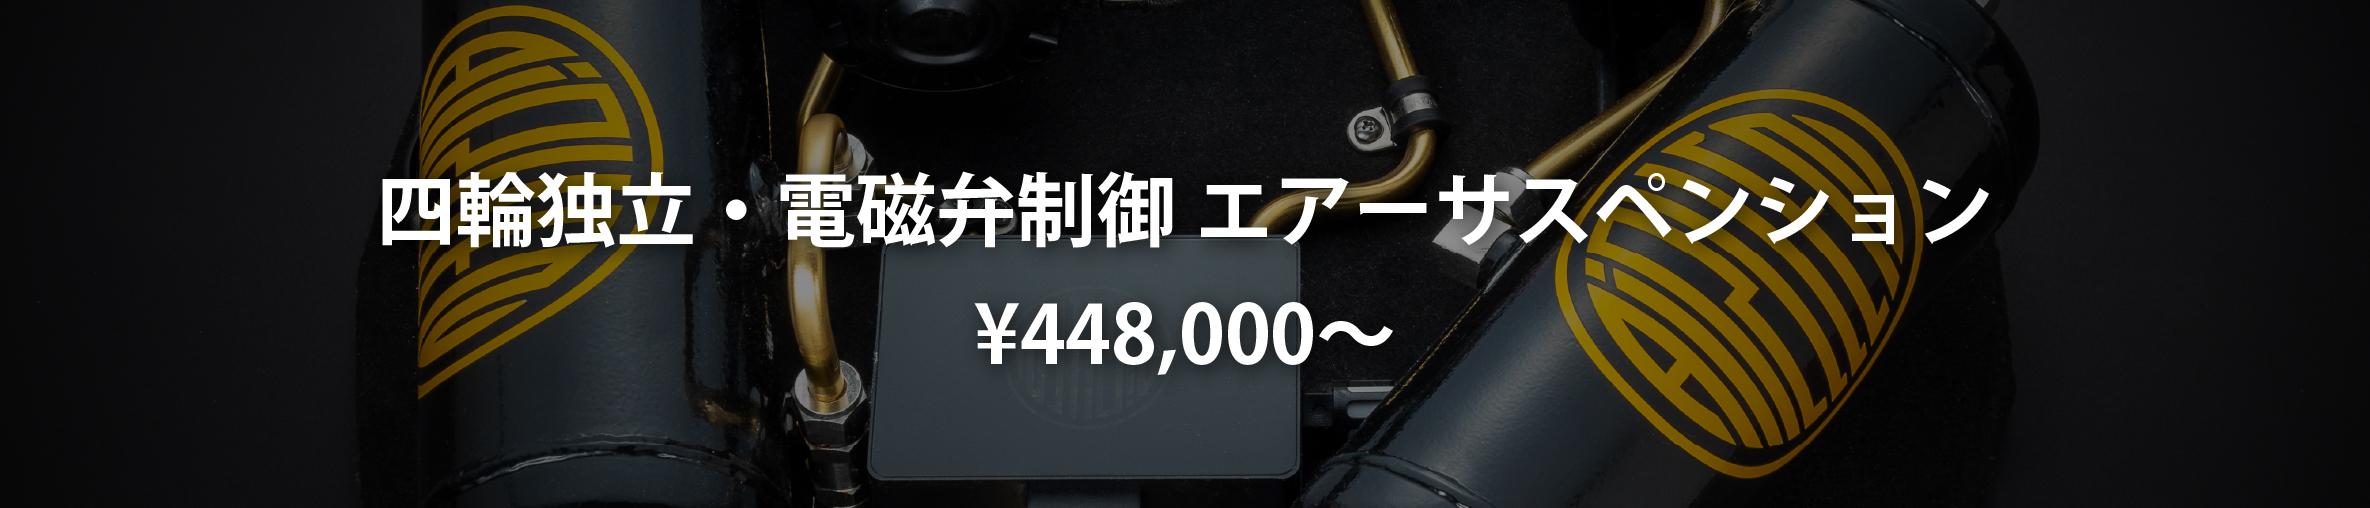 四輪独立・電磁弁制御 エアーサスペンション¥448,000〜